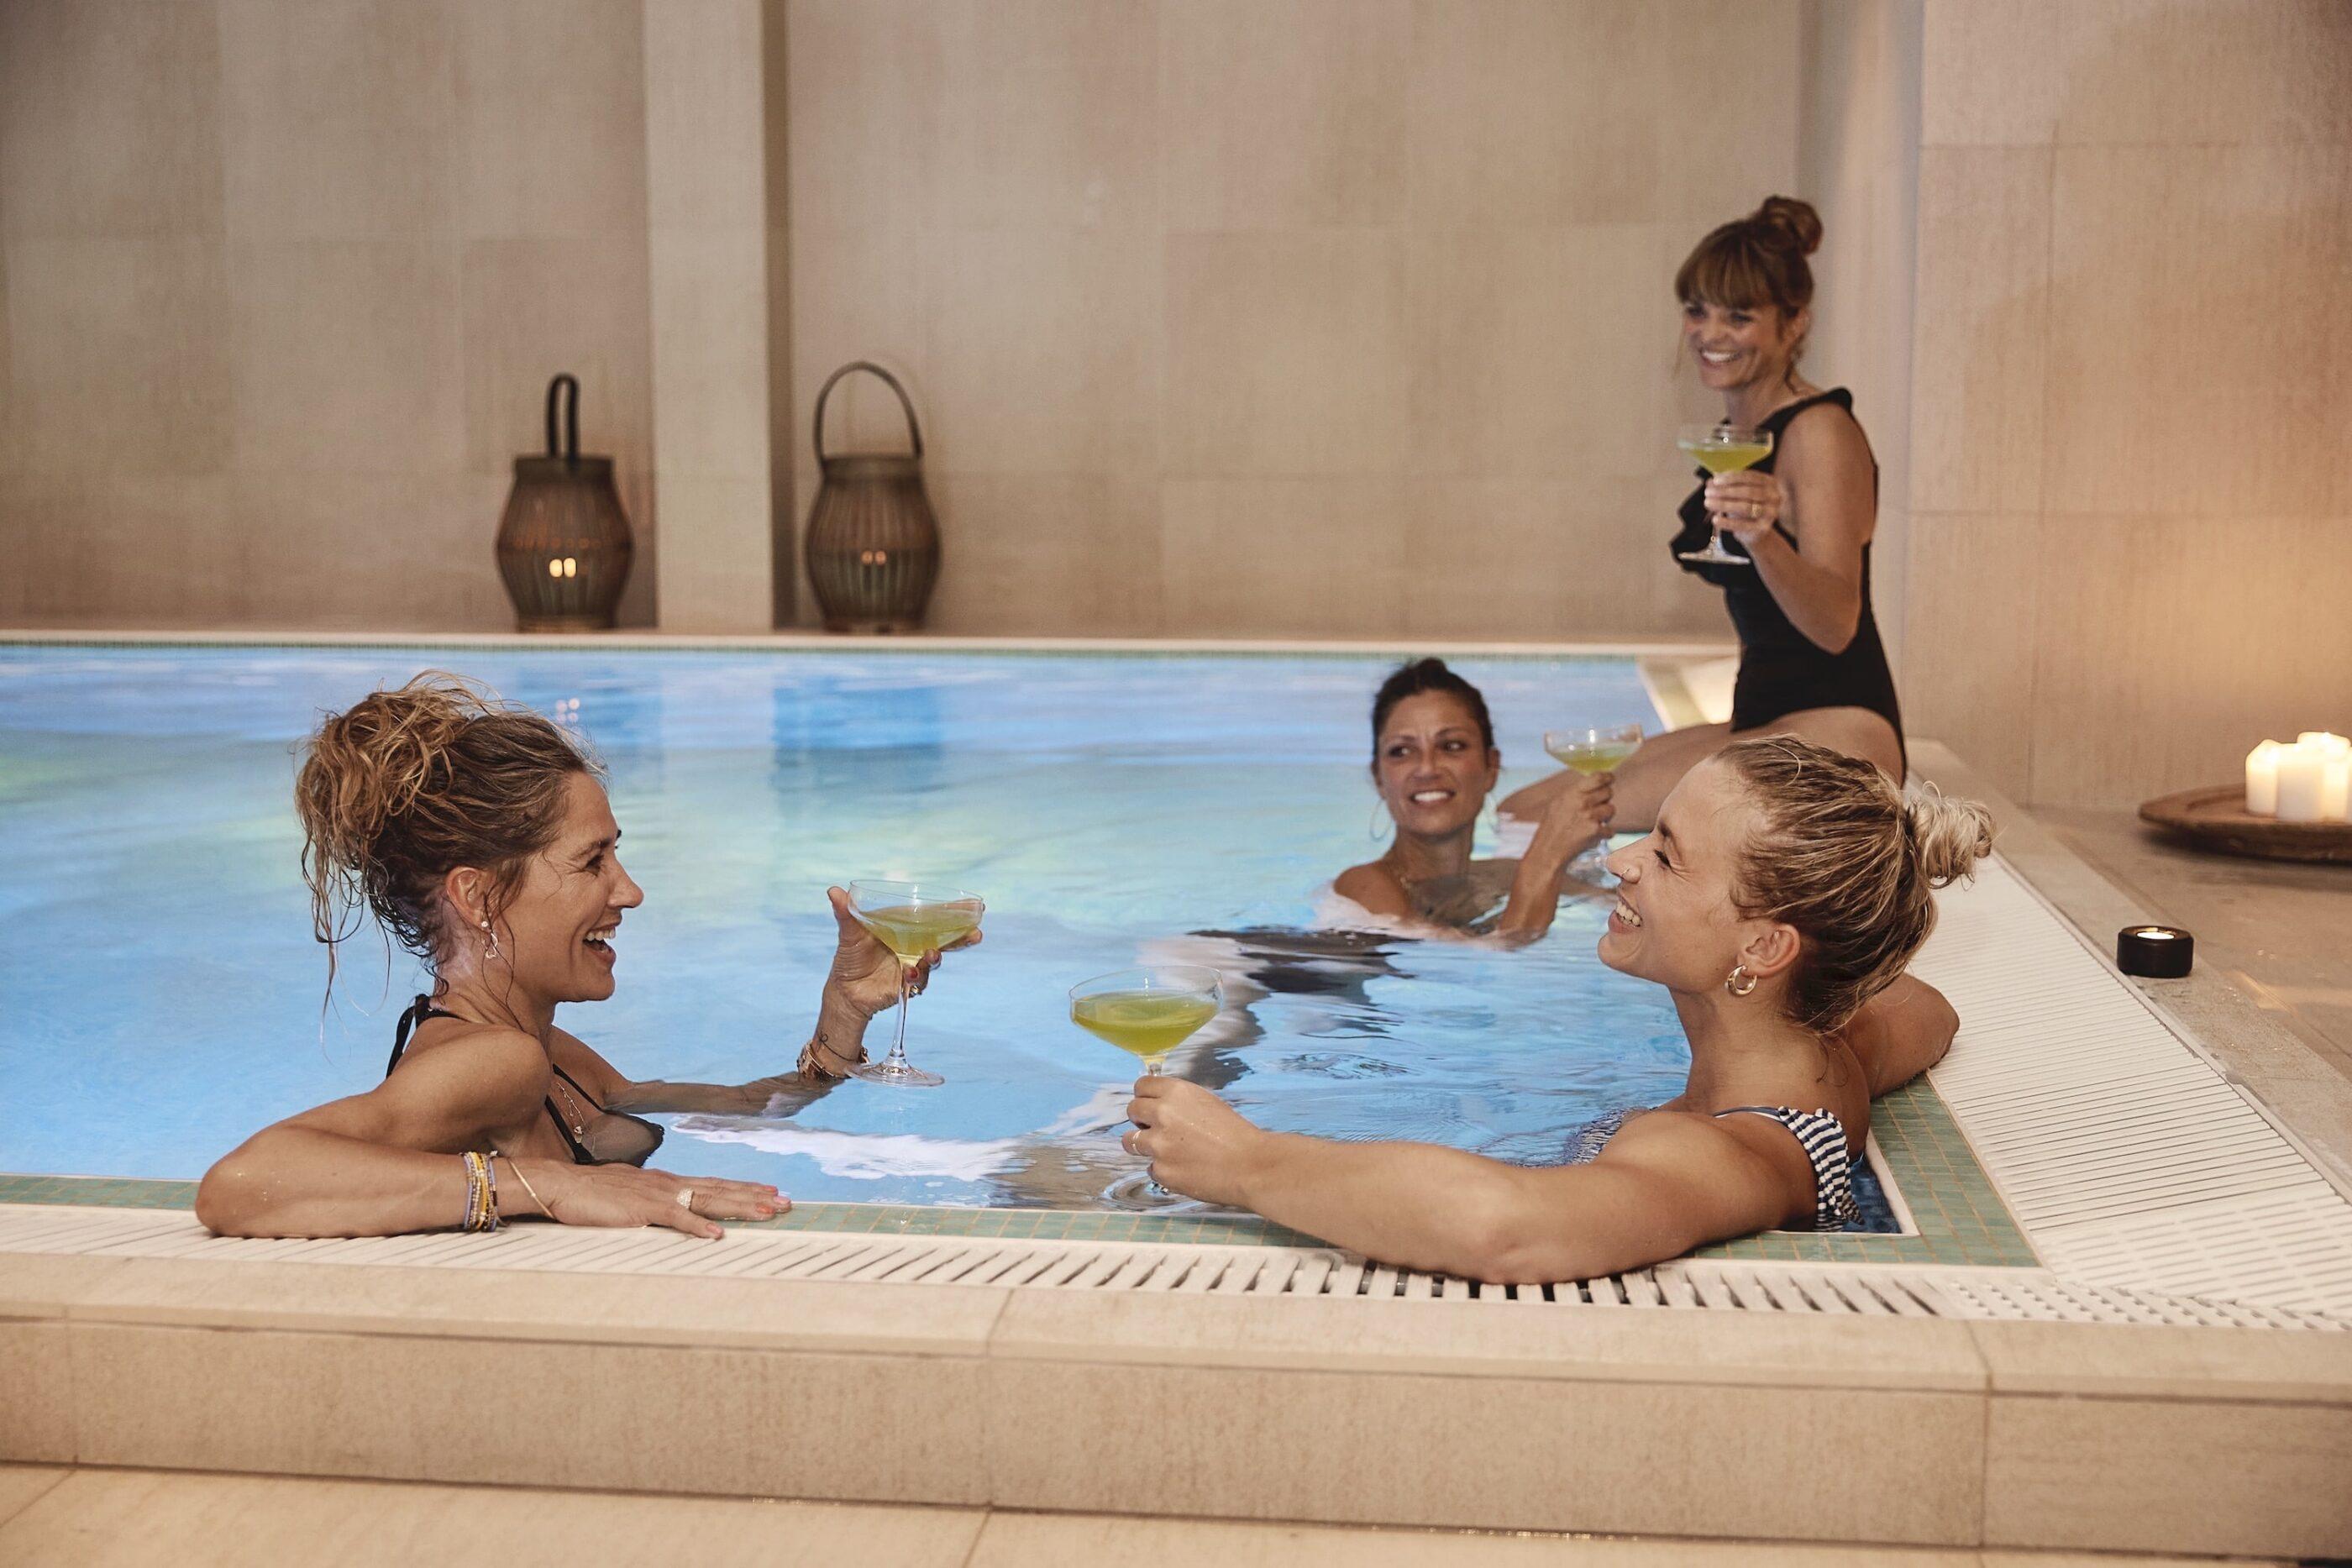 4 kvinder drikker cocktails mens de hygger i poolen